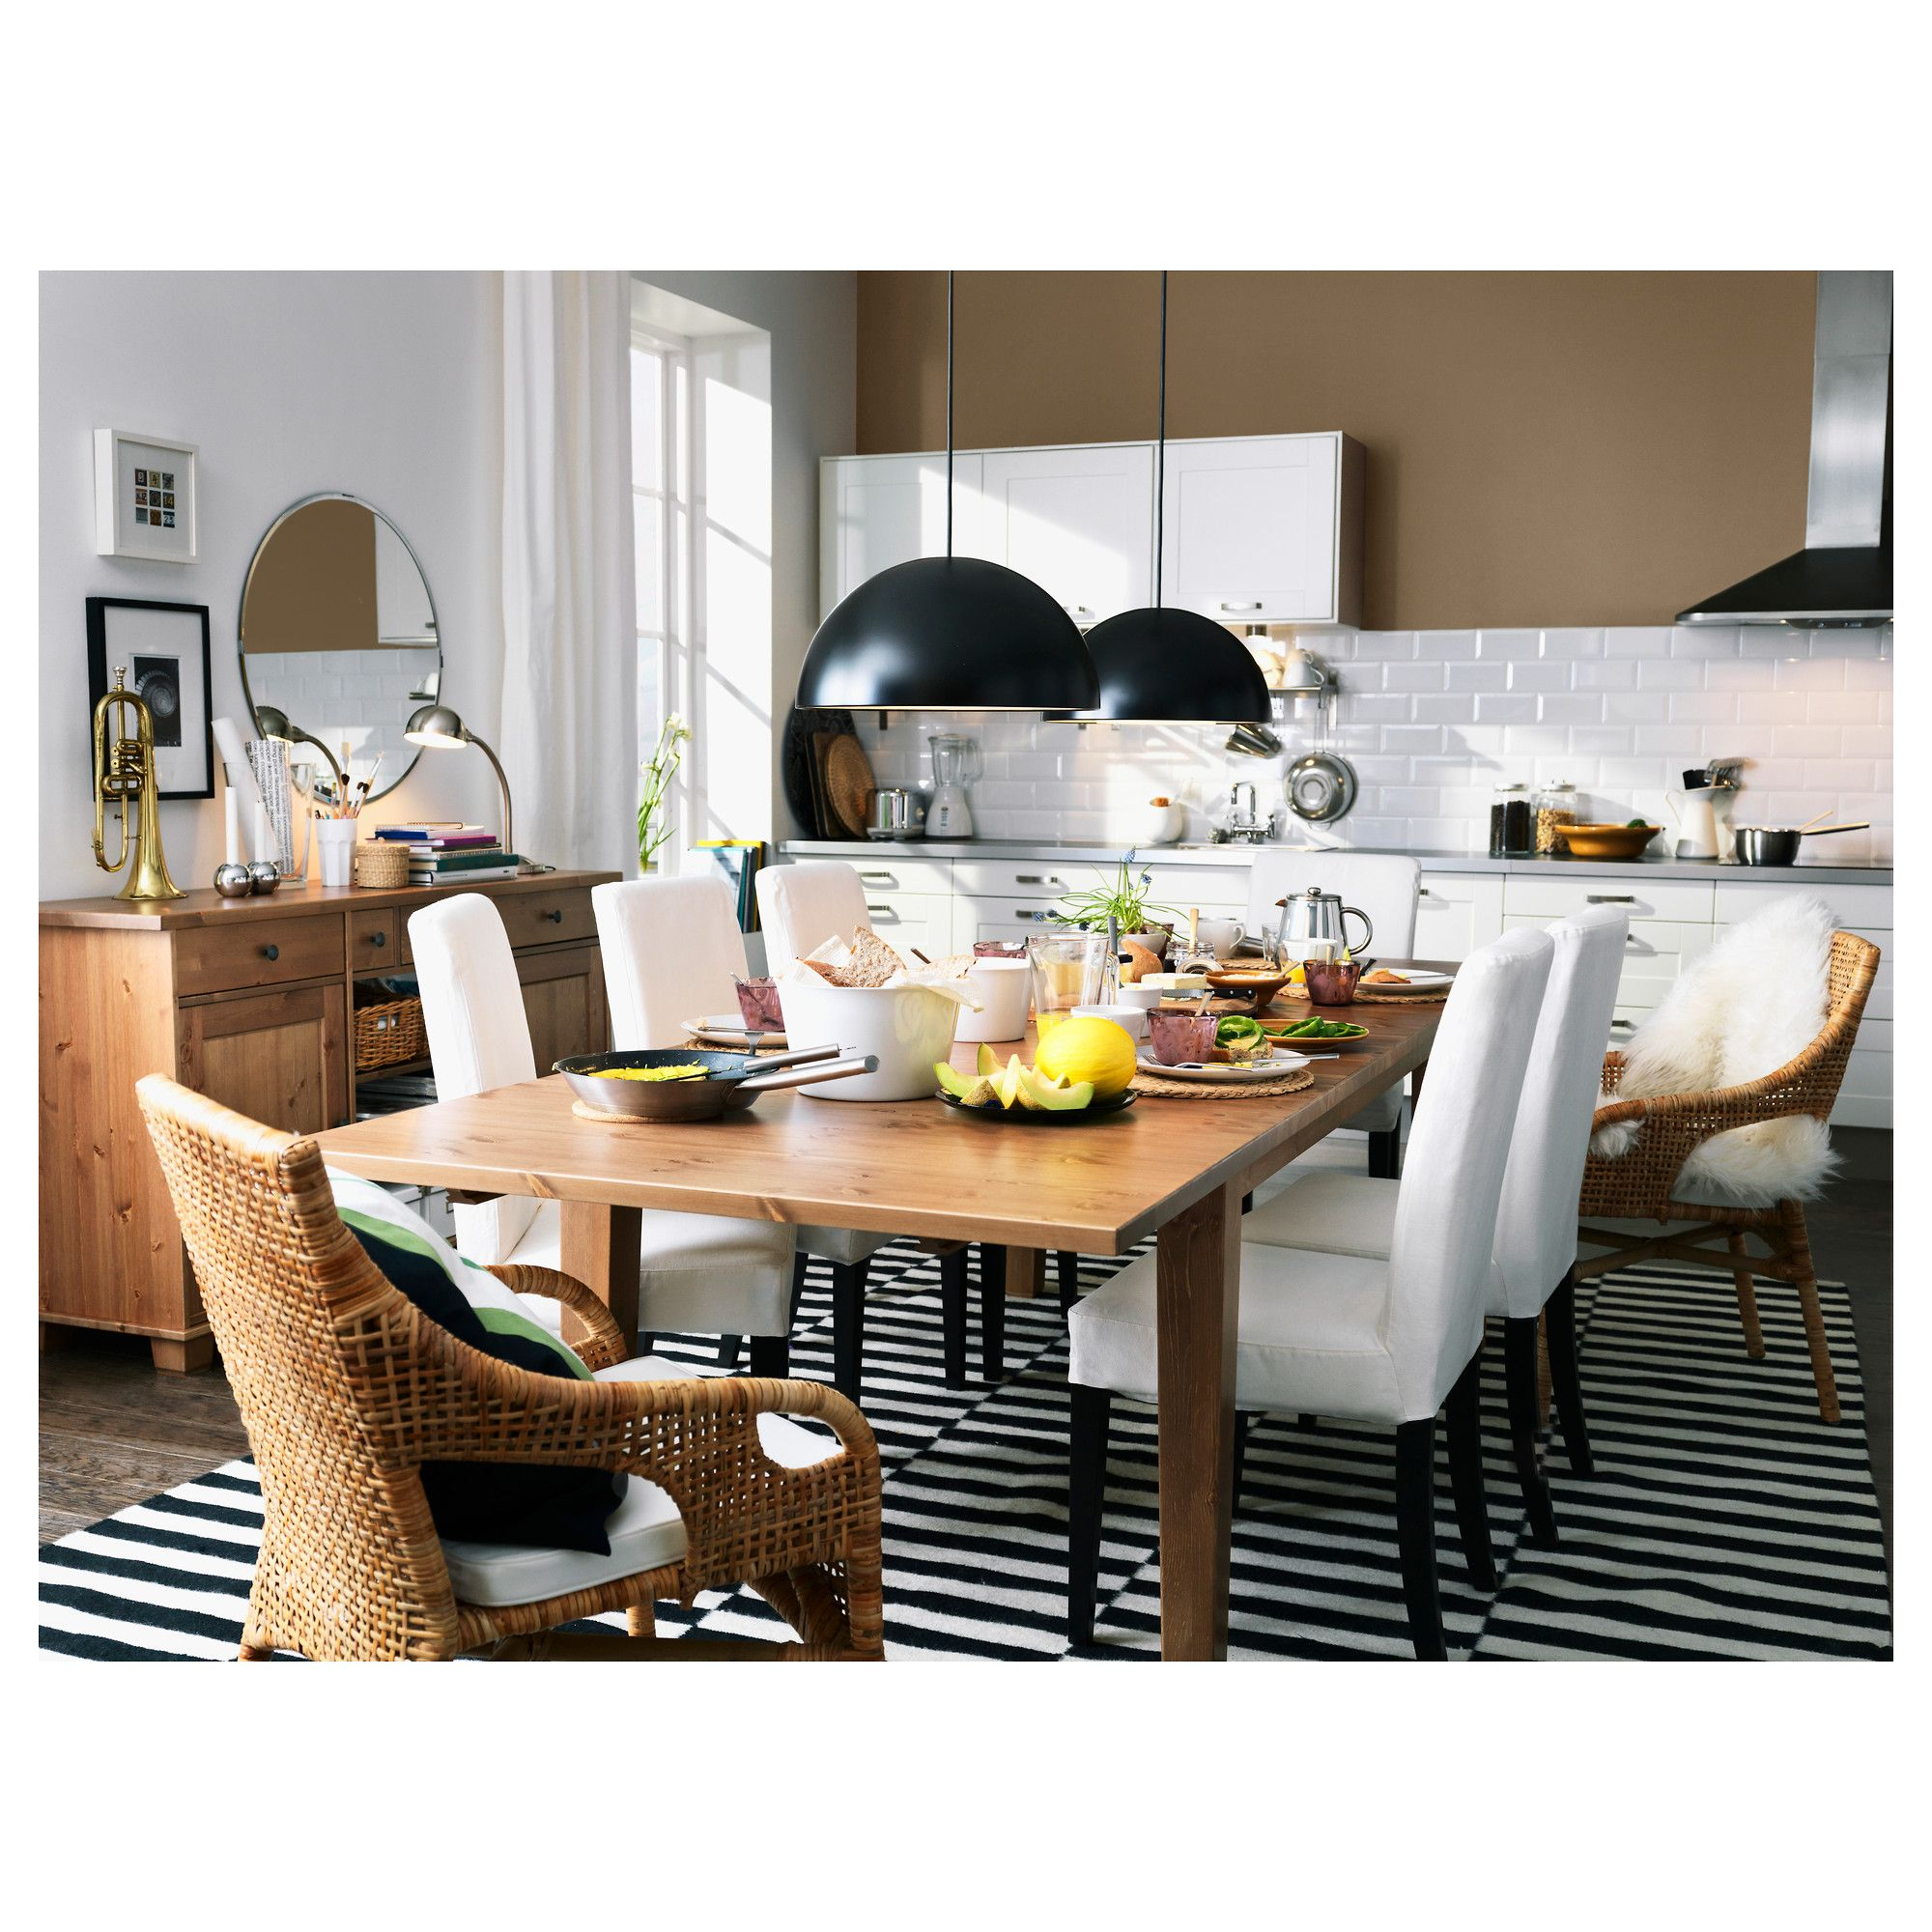 أجمل الأوقات هي تلك التي نقضيها مع العائلة مجتمعين حول مائدة الطعام Ikea Dining Ikea Dining Room Dining Room Table [ 2000 x 2000 Pixel ]